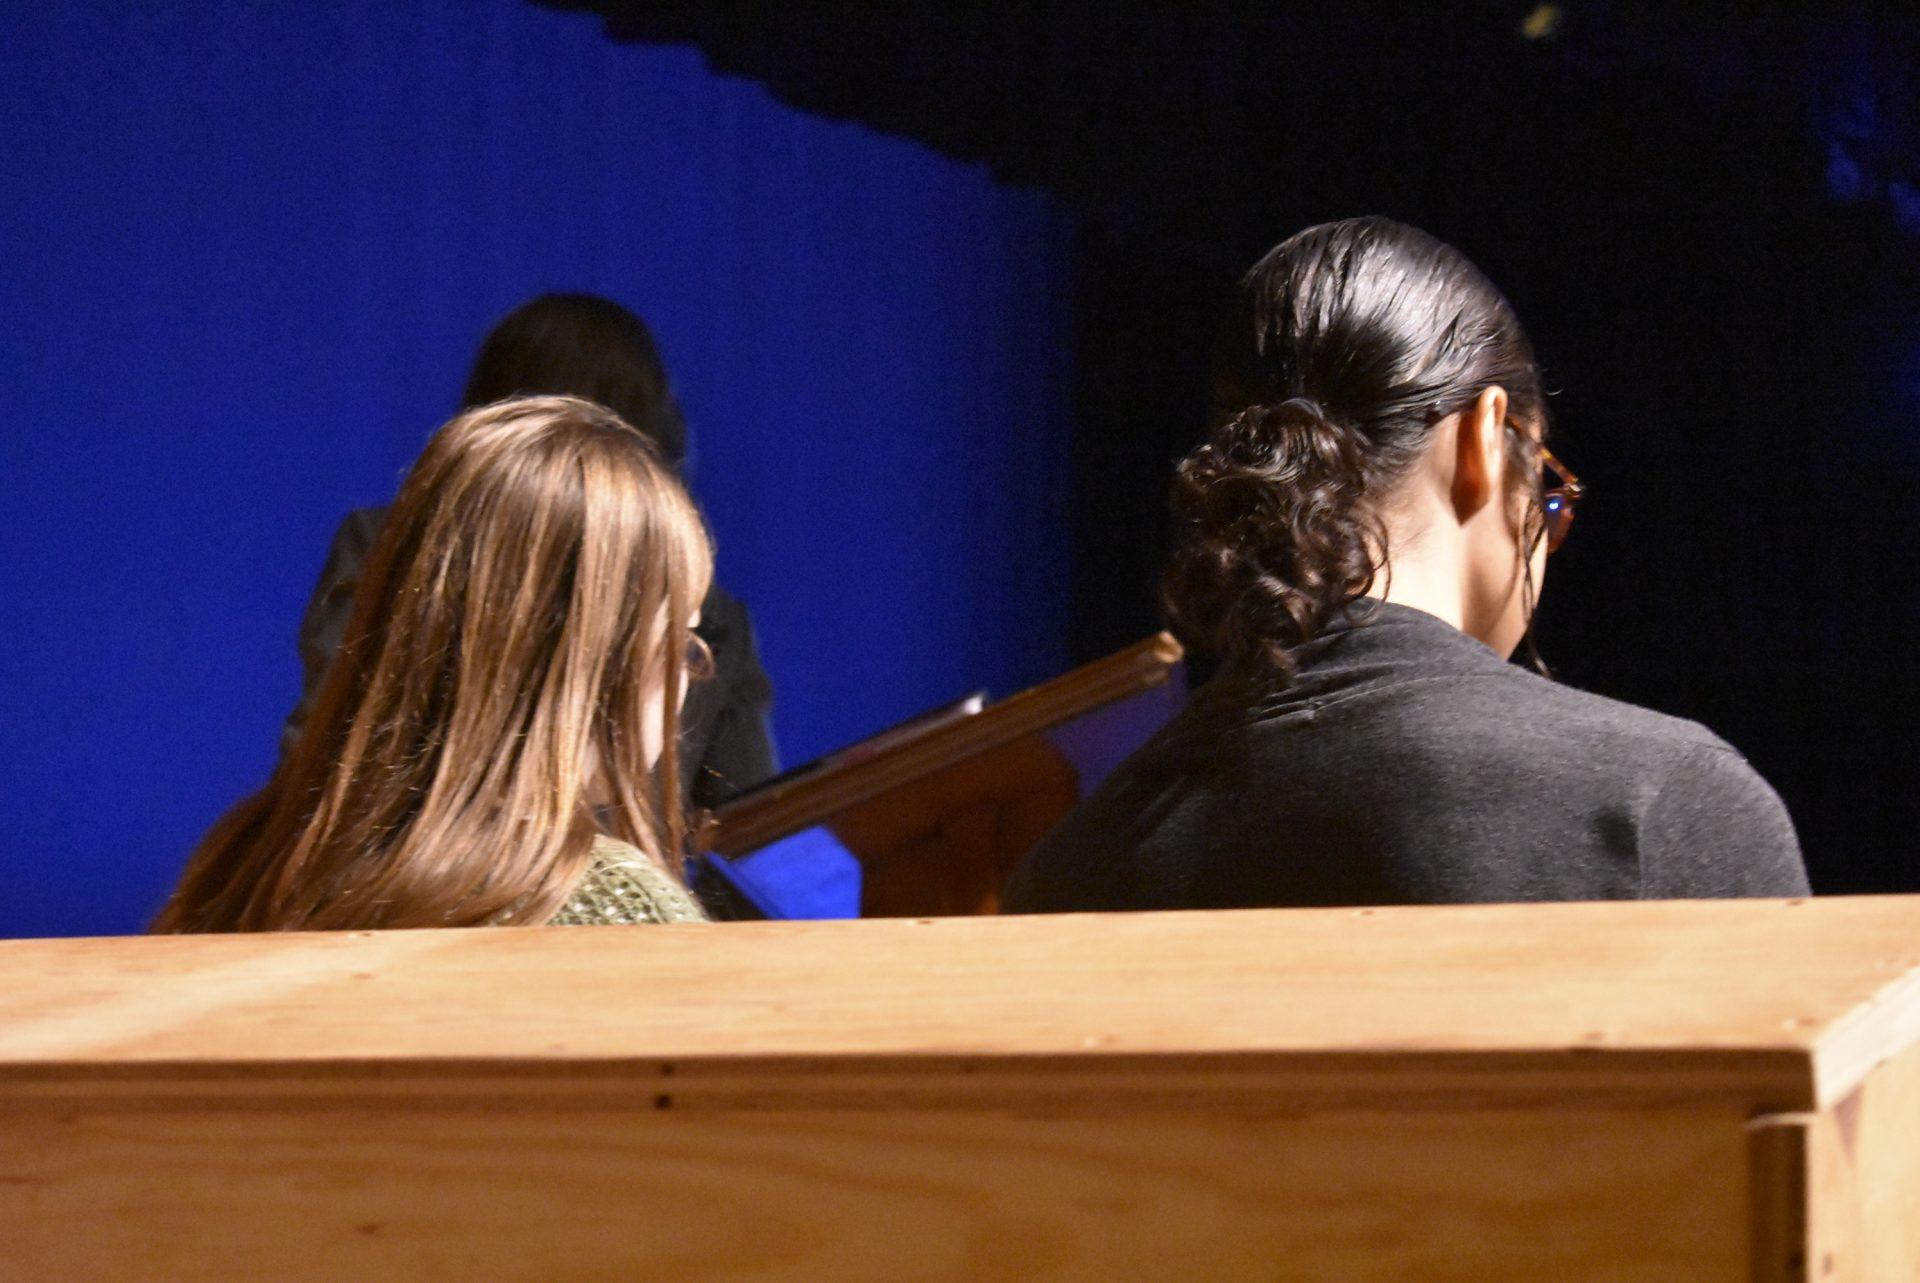 VTTC Actors on Stage (Behind)